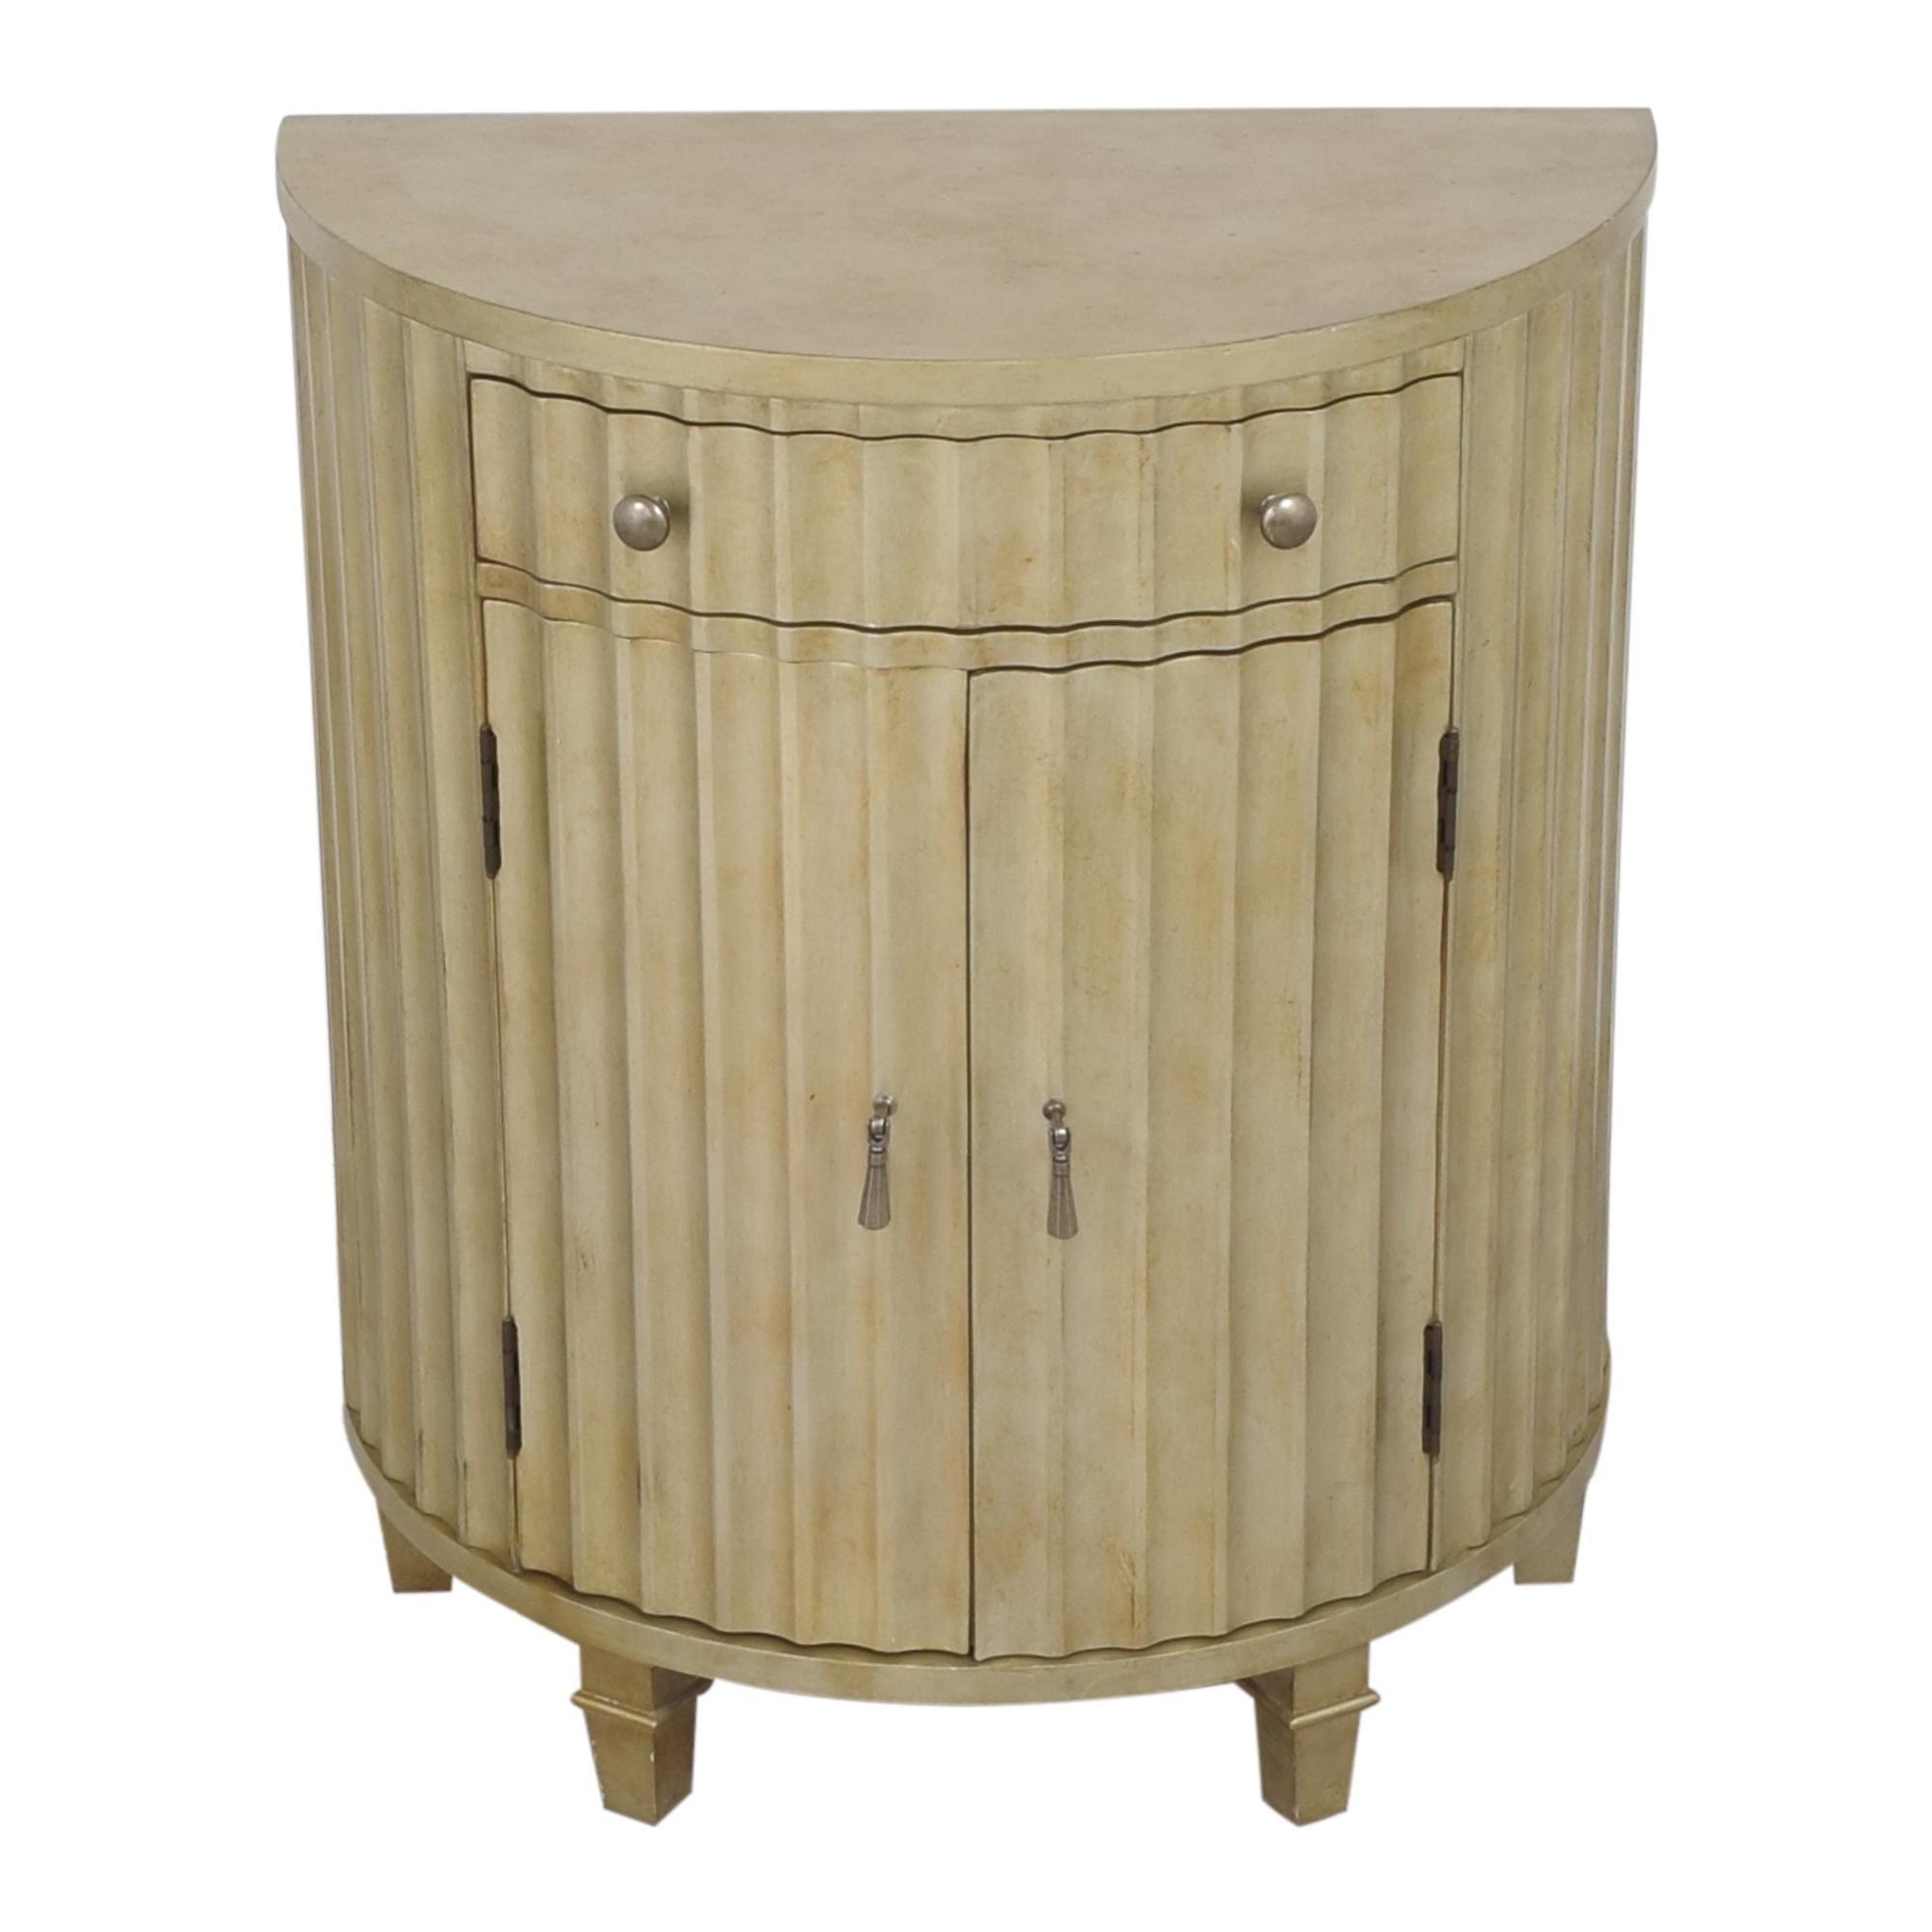 Hooker Furniture Hooker Furniture Melange Fluted Demi Chest second hand